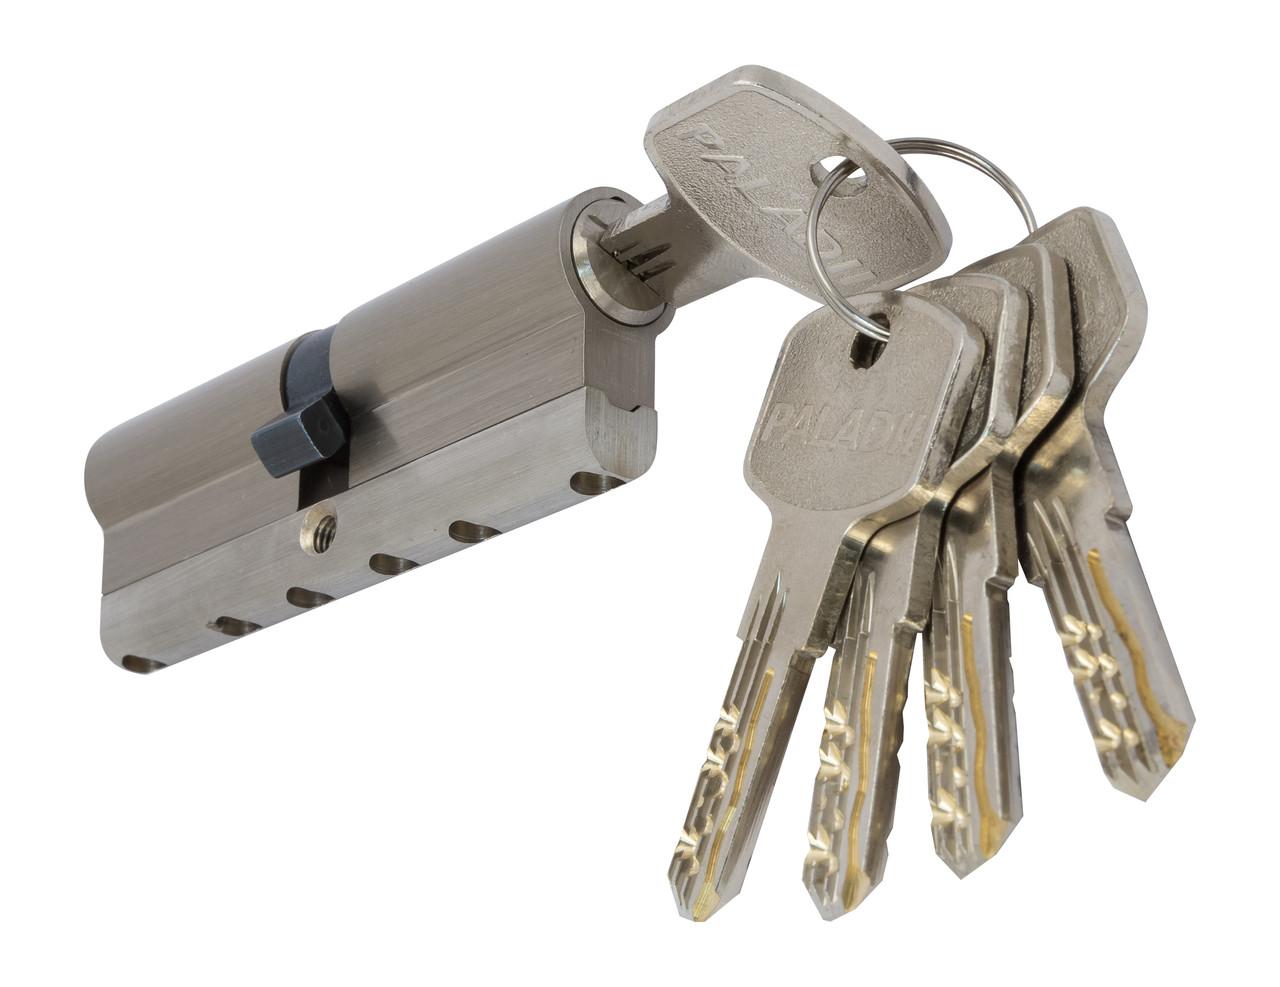 PALADII циліндровий механізм латунний з вставкою 90мм (35*55)  5 гібридних ключа сатен